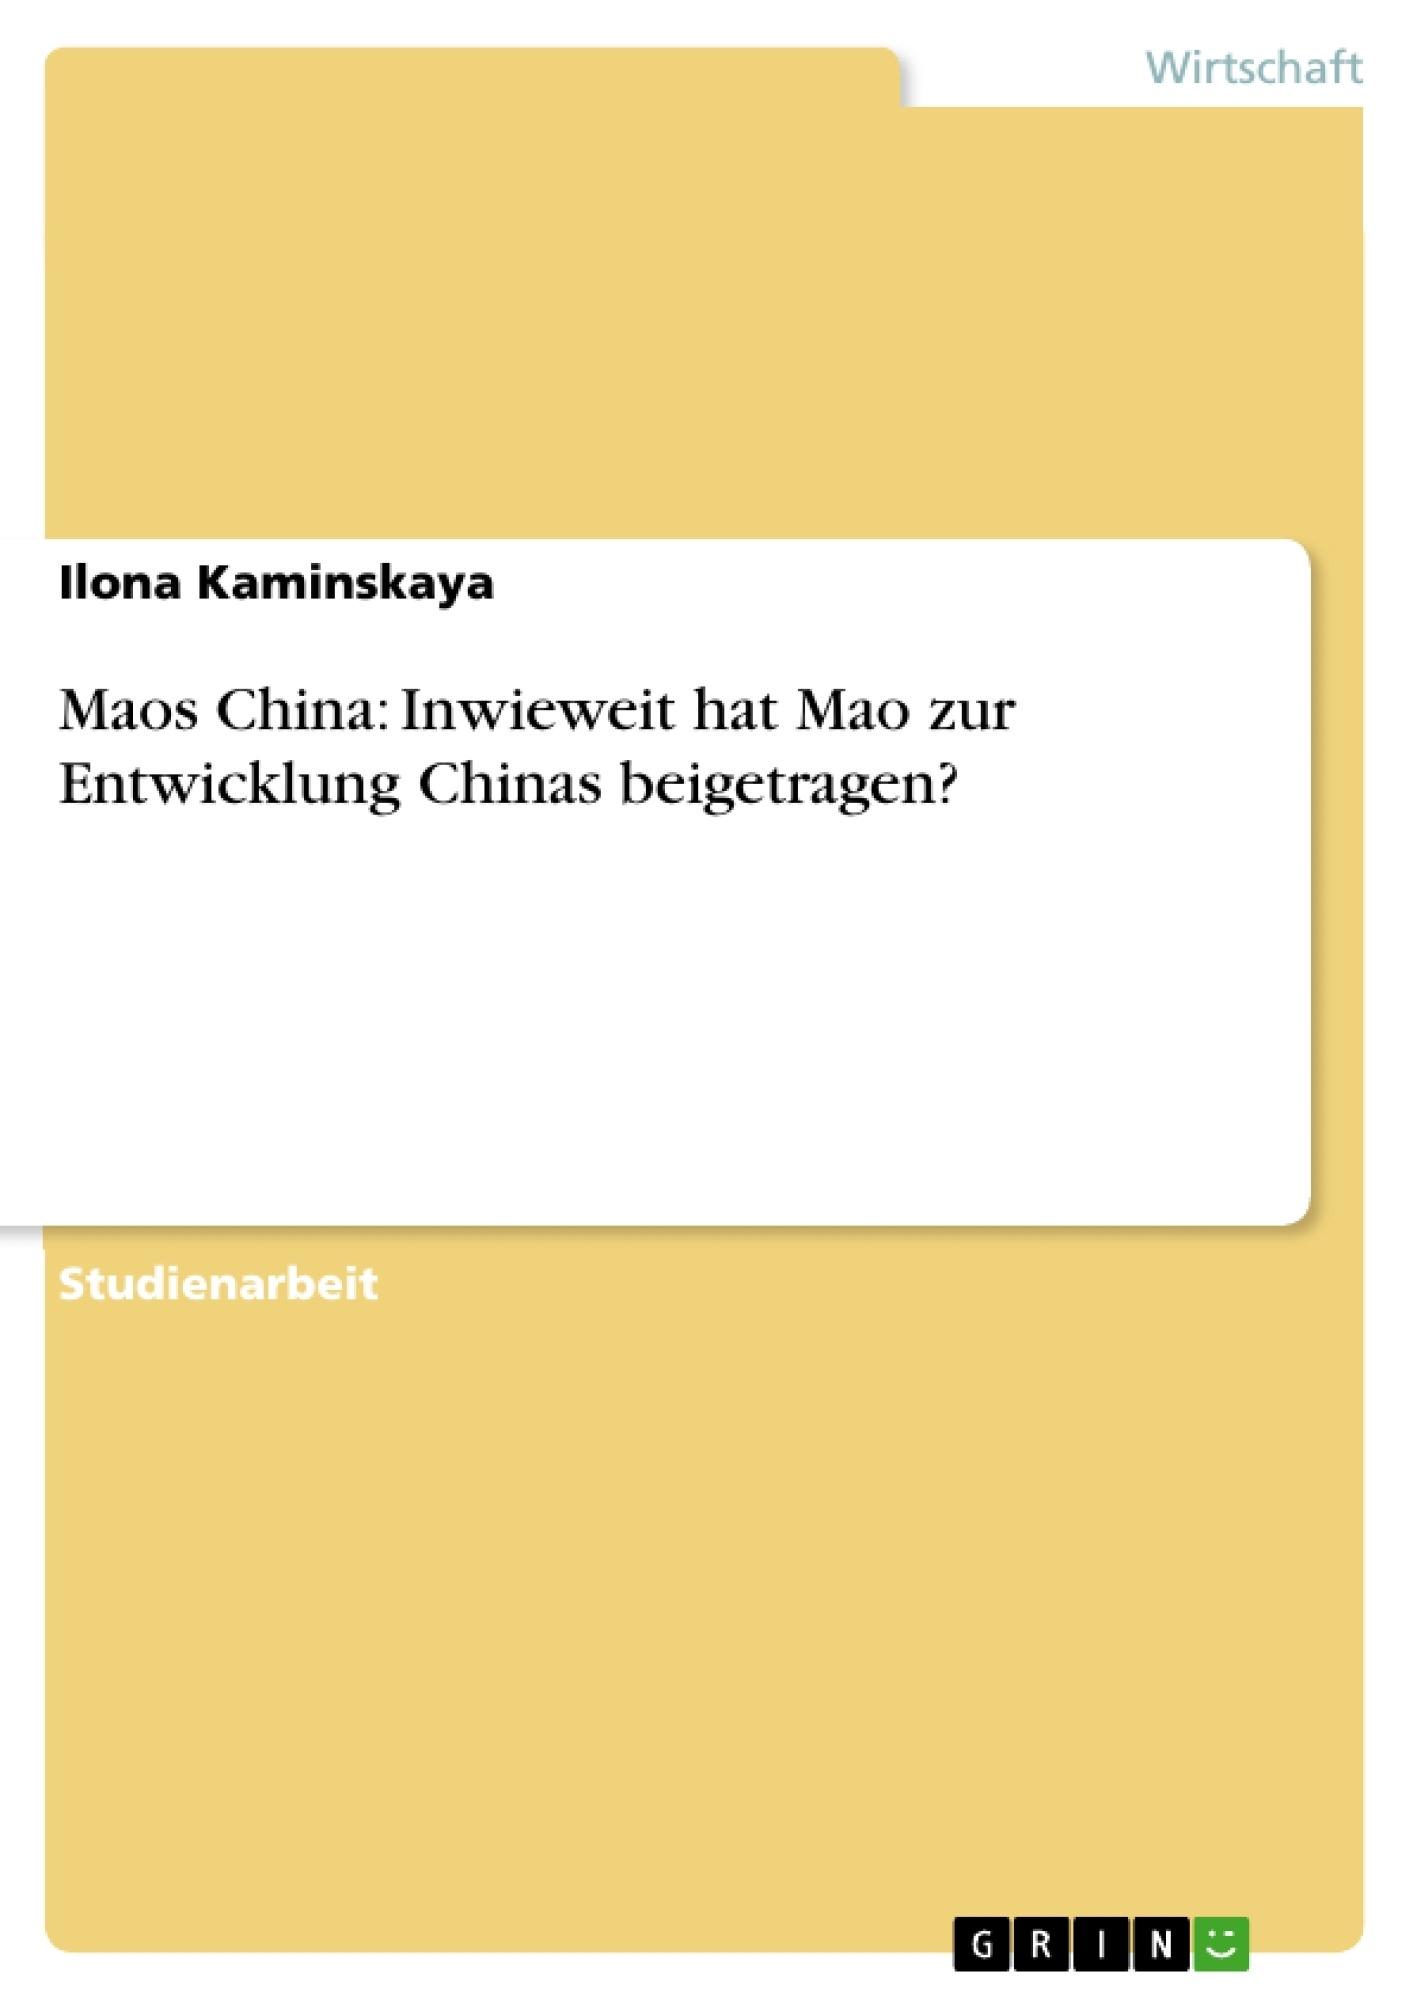 Titel: Maos China: Inwieweit hat Mao zur Entwicklung Chinas beigetragen?